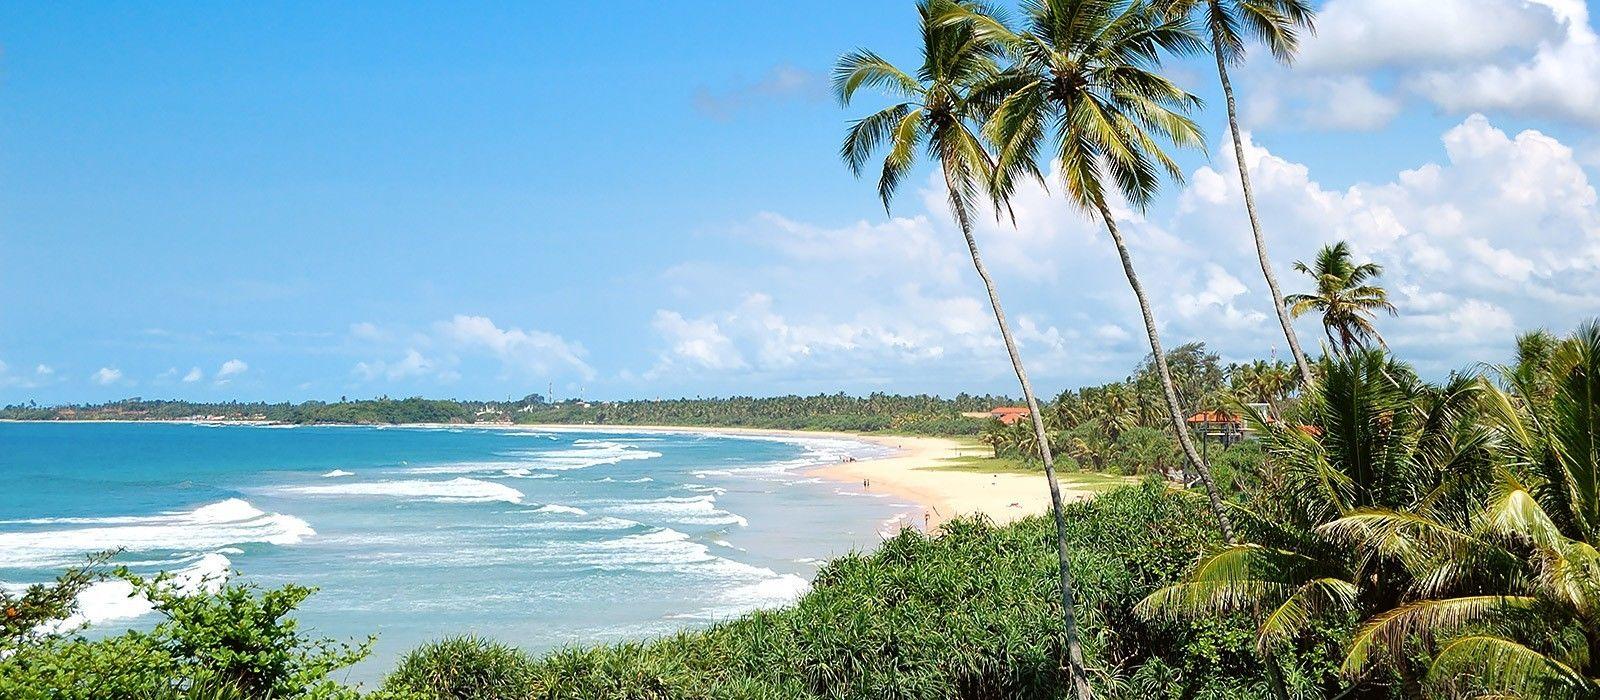 Destination Bentota Sri Lanka